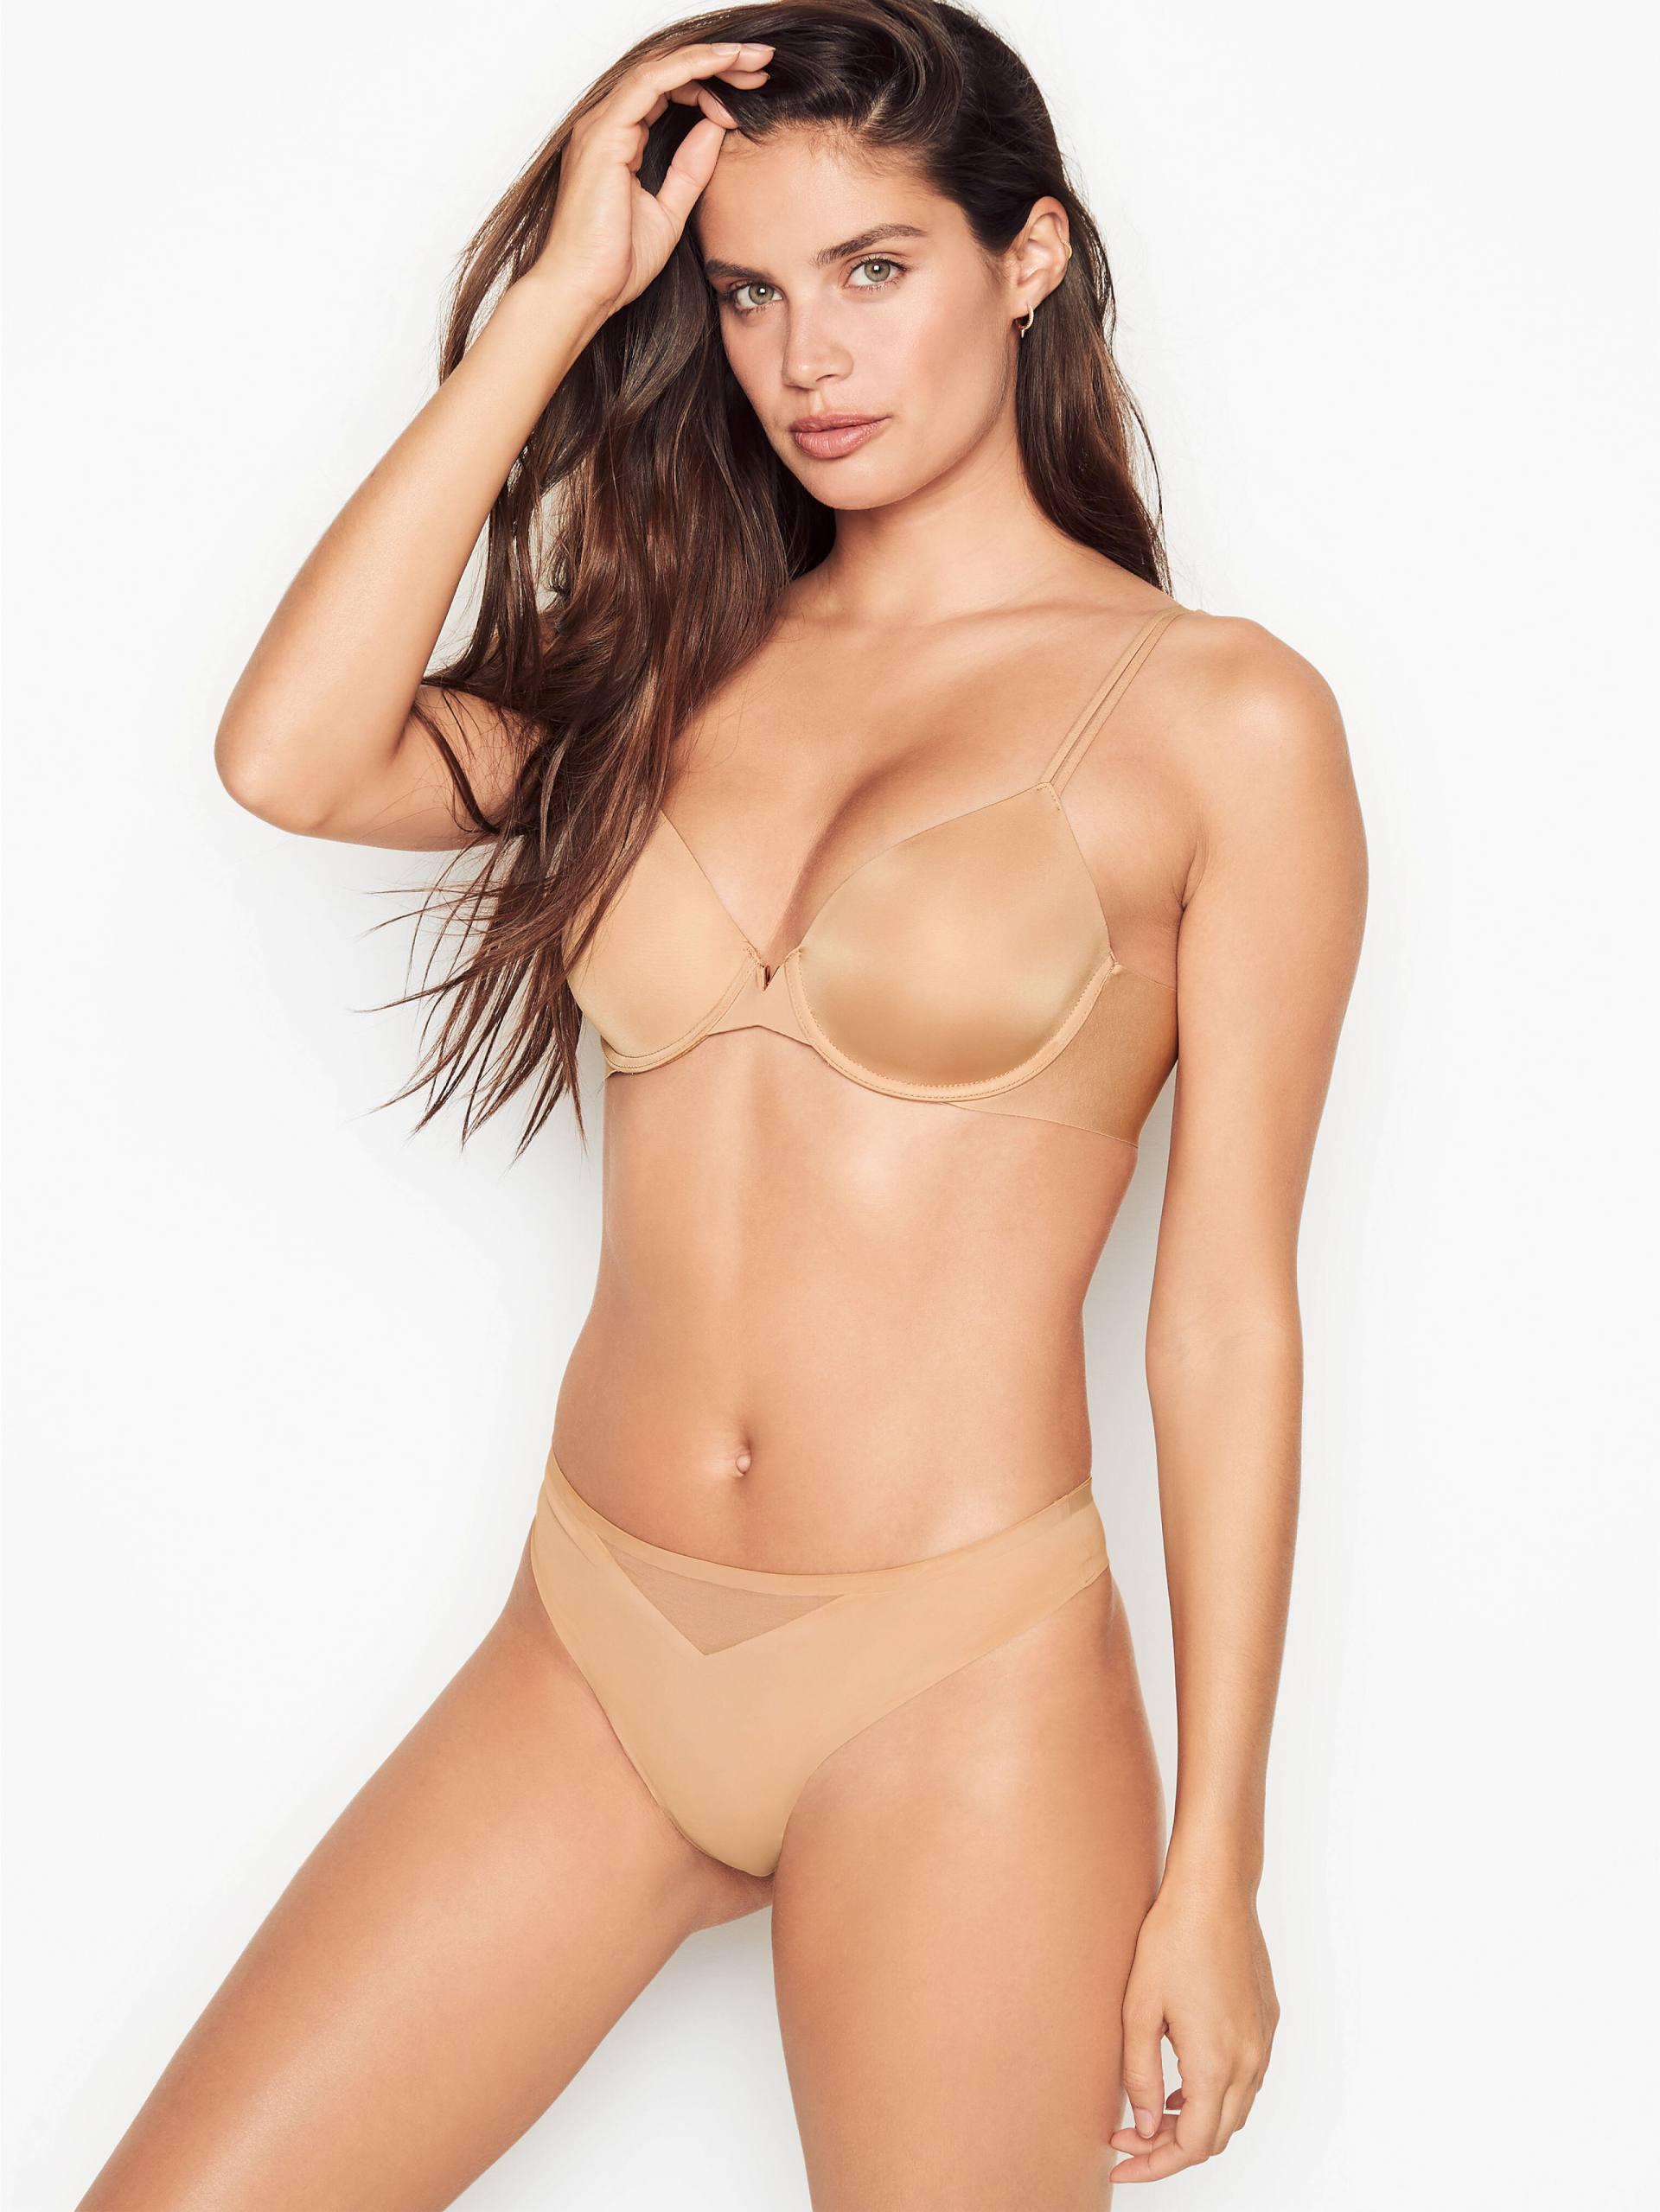 Sara Sampaio Sexy In Underwear